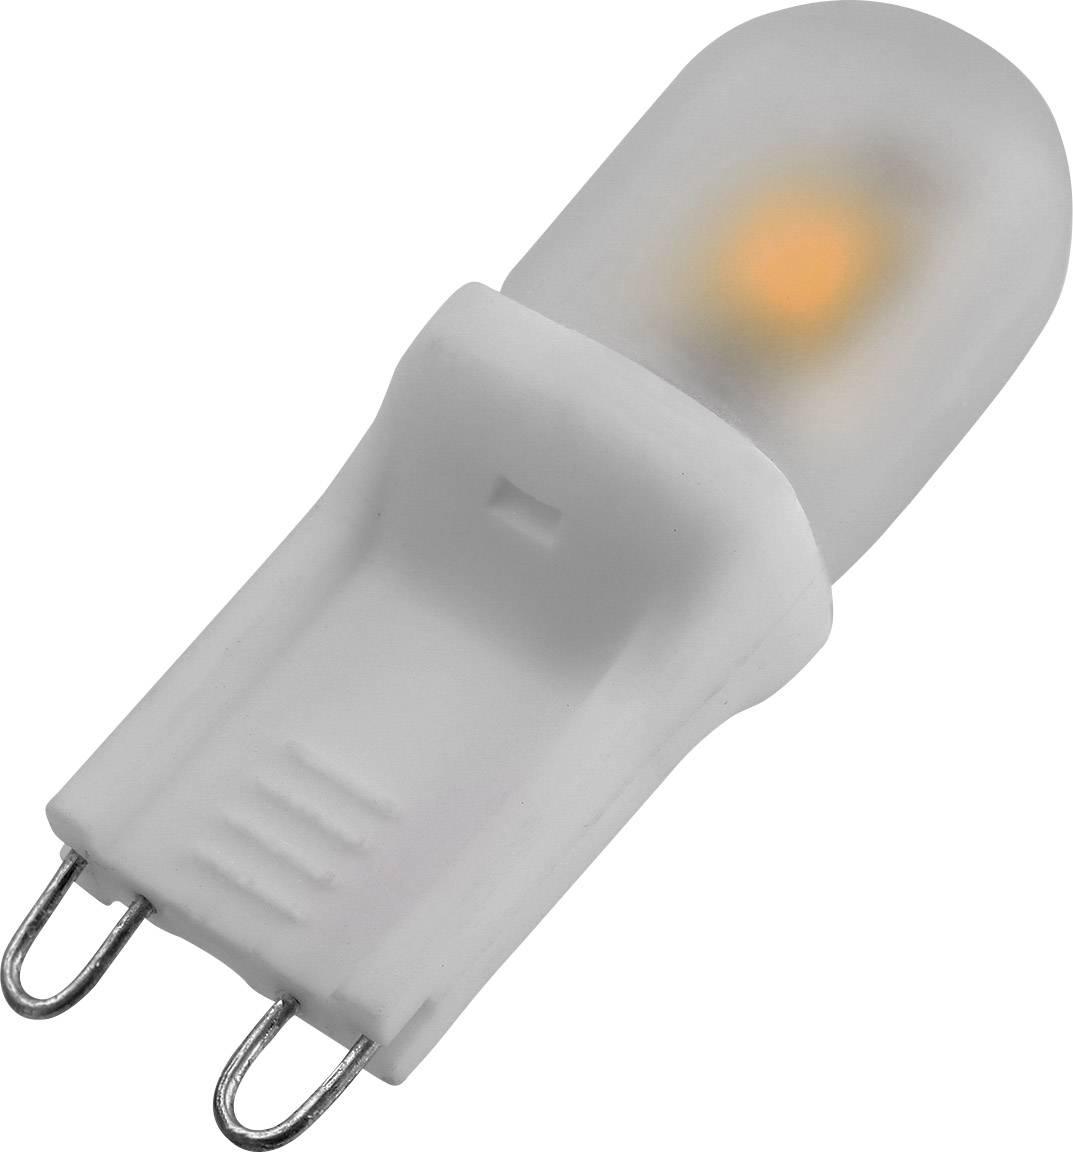 LED žiarovka DioDor DIO-LEDG9N-1 230 V, 2 W = 15 W, teplá biela, A+, 1 ks